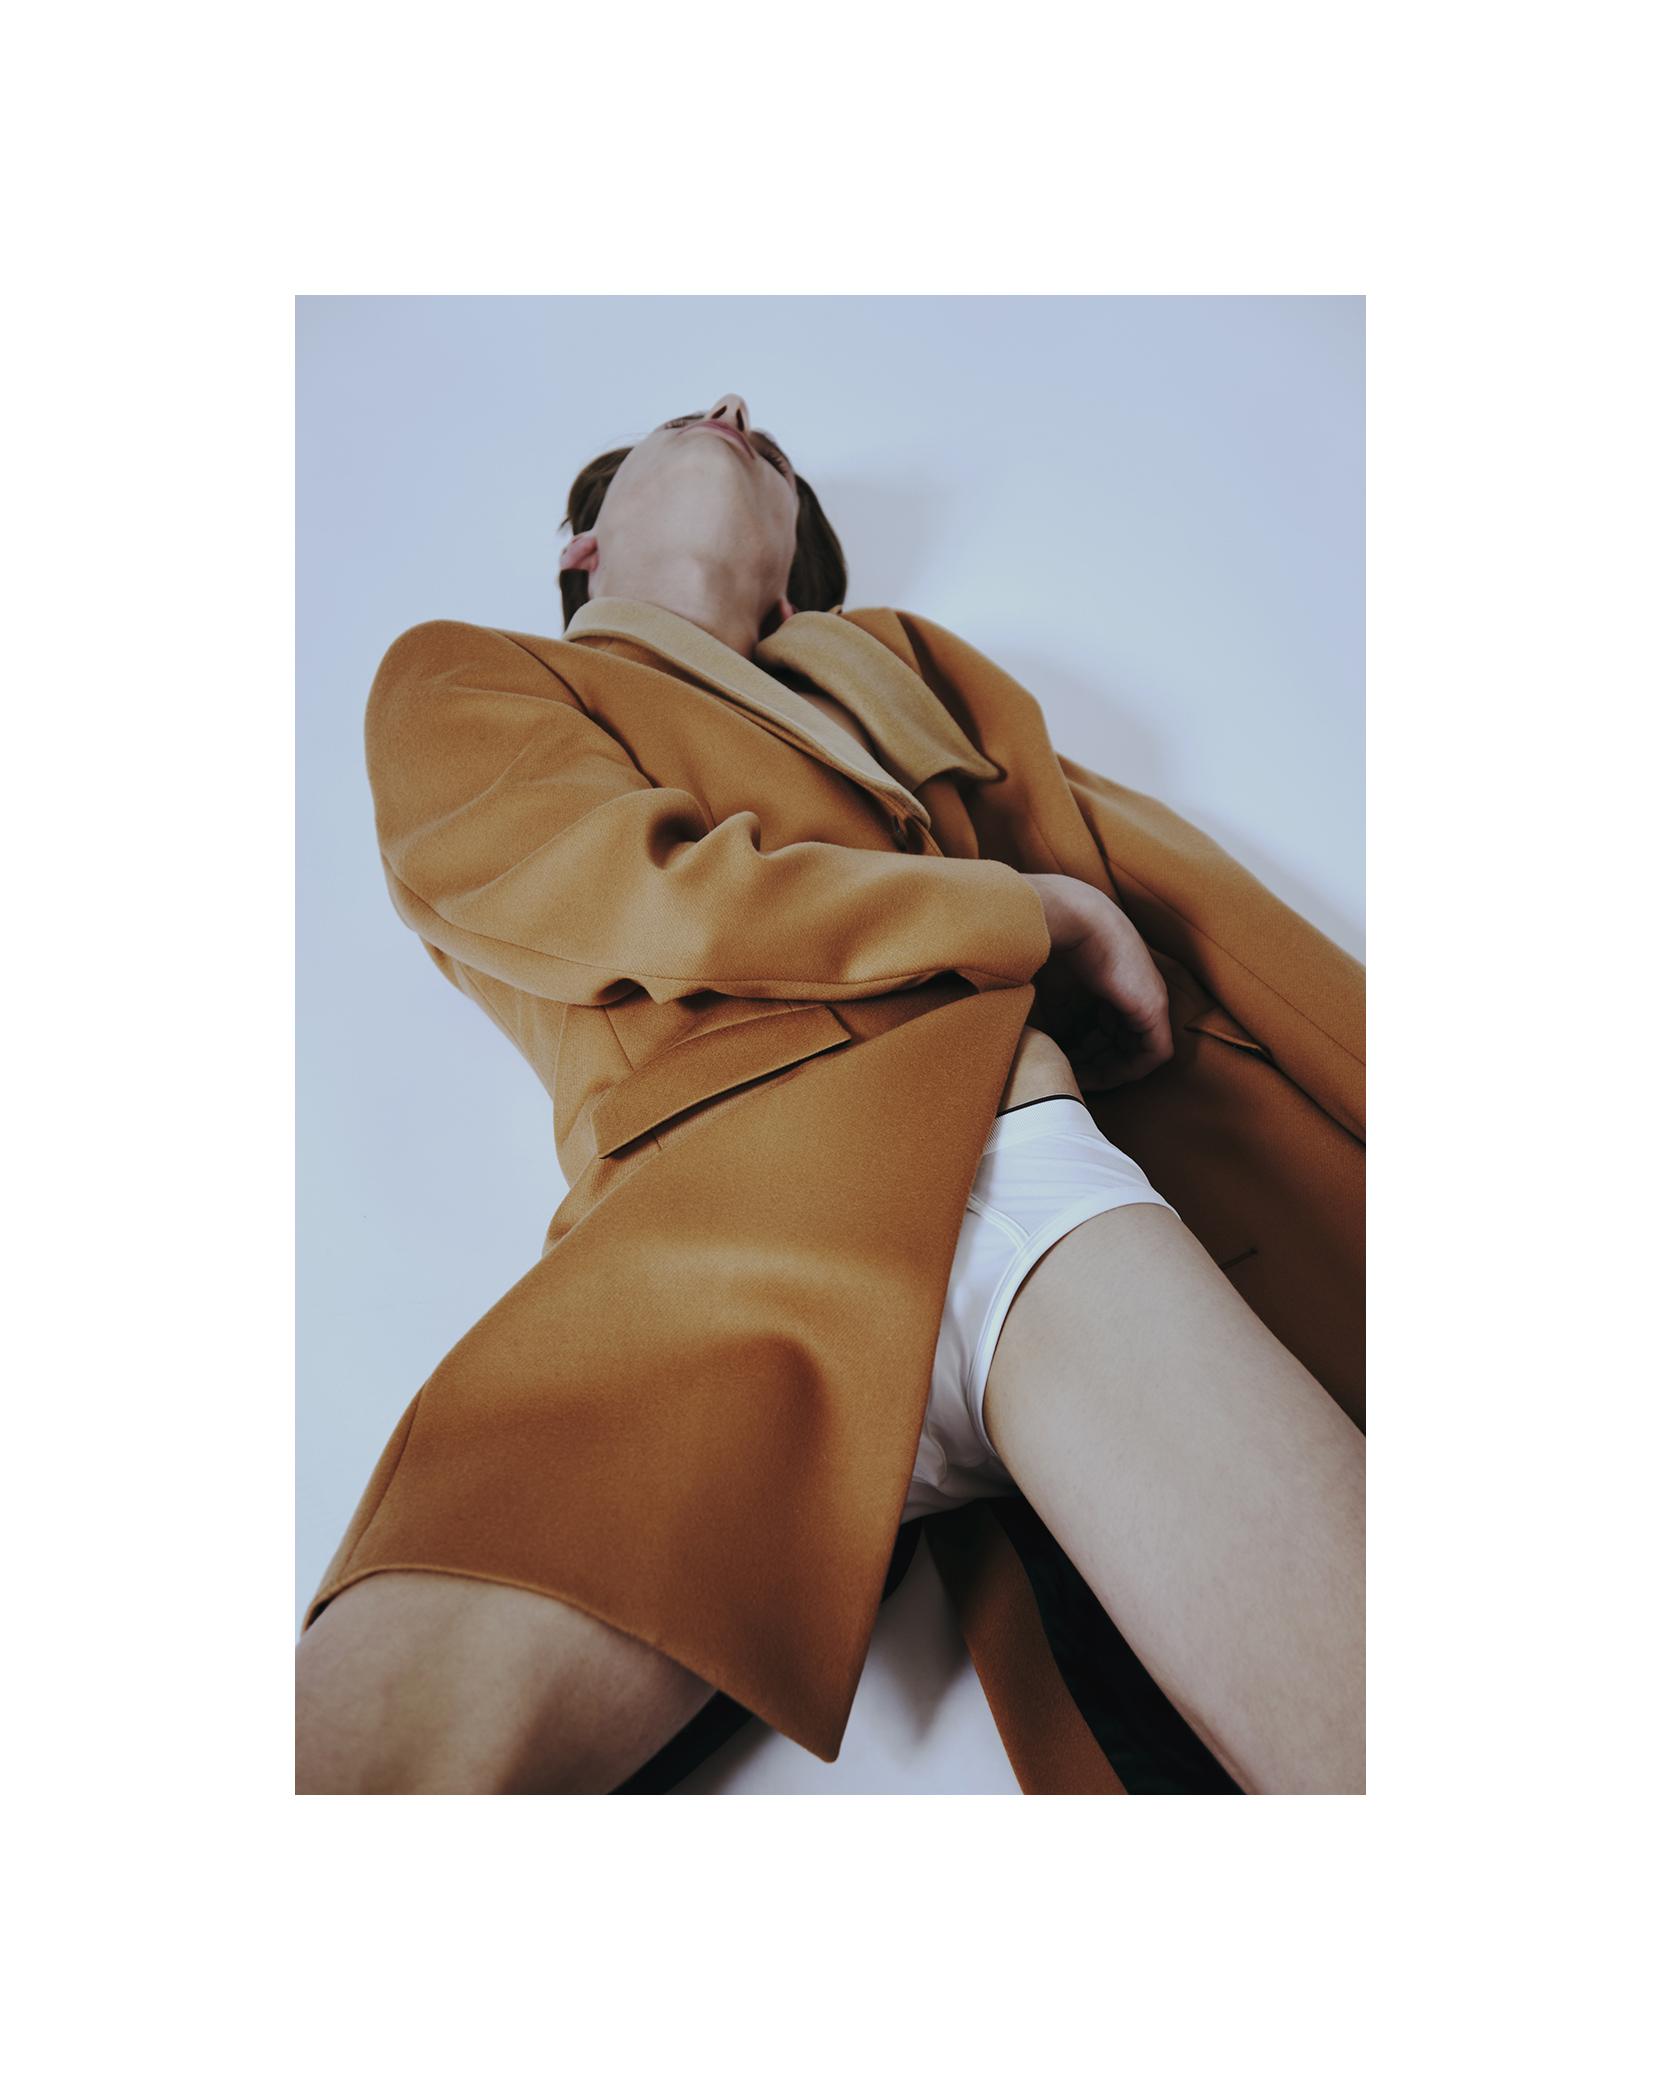 coat by PAUL SMITH / underwear by ZIMMERLI